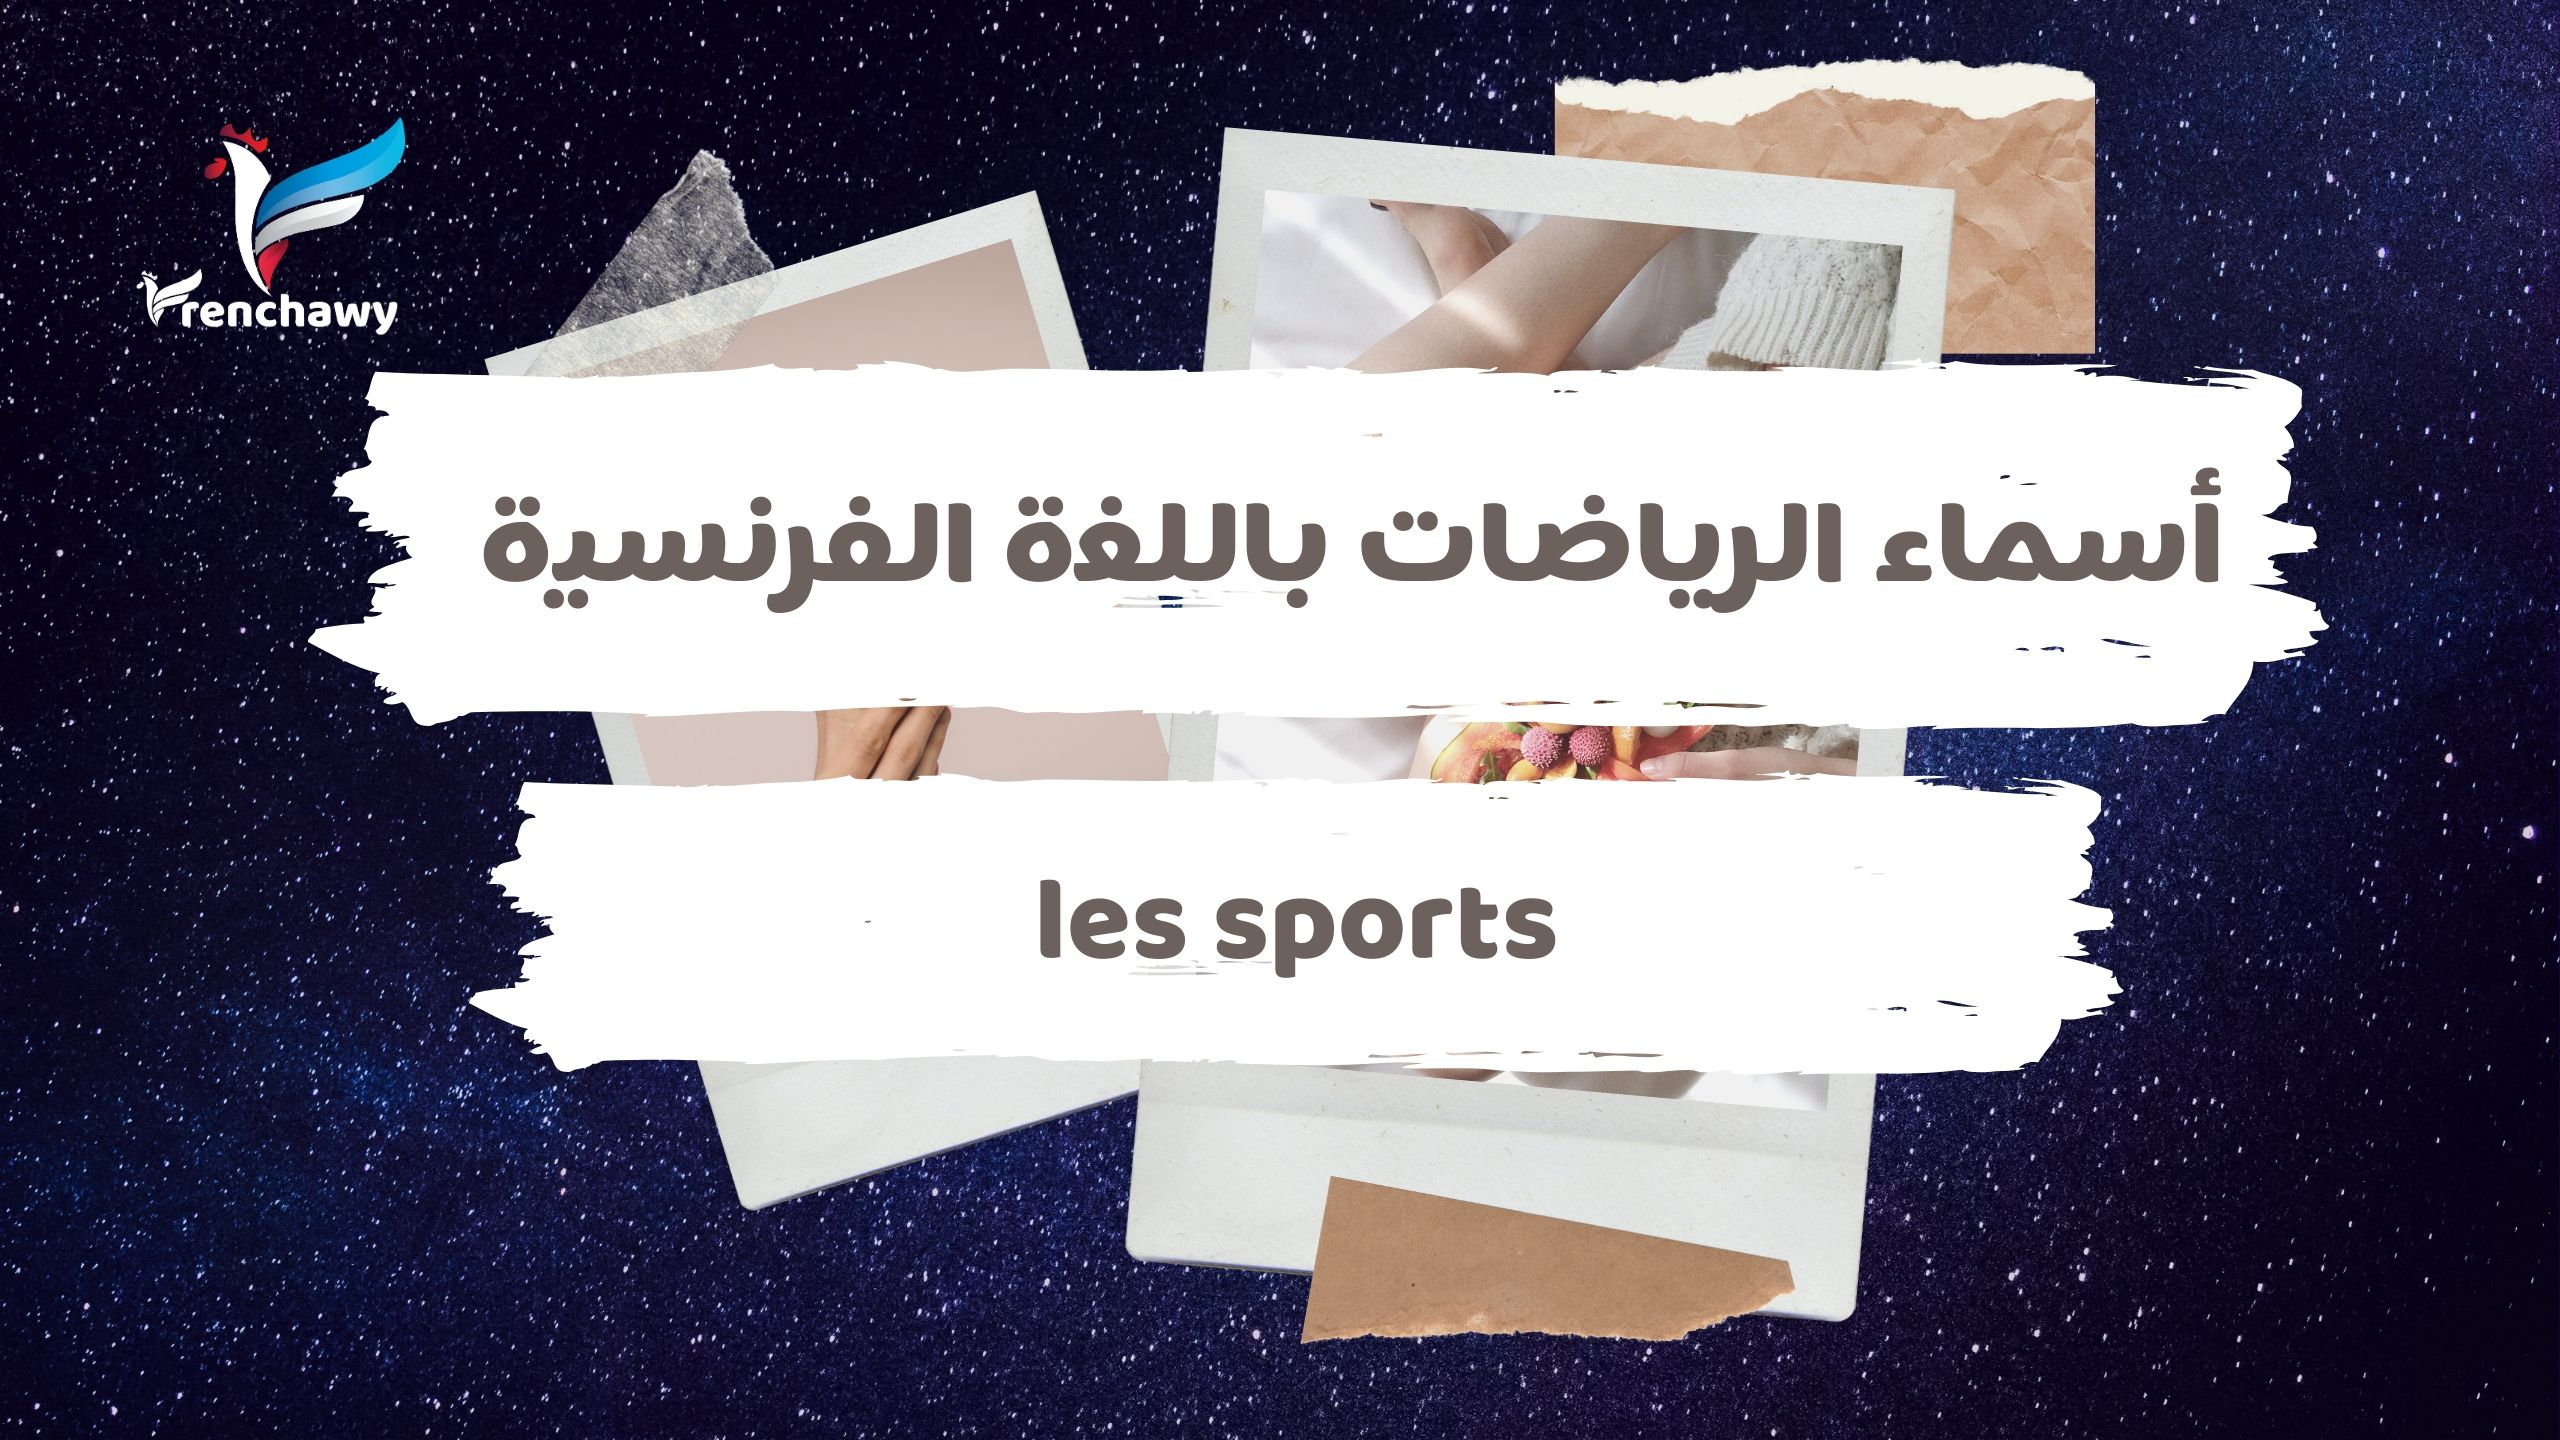 أسماء الرياضات باللغة الفرنسية